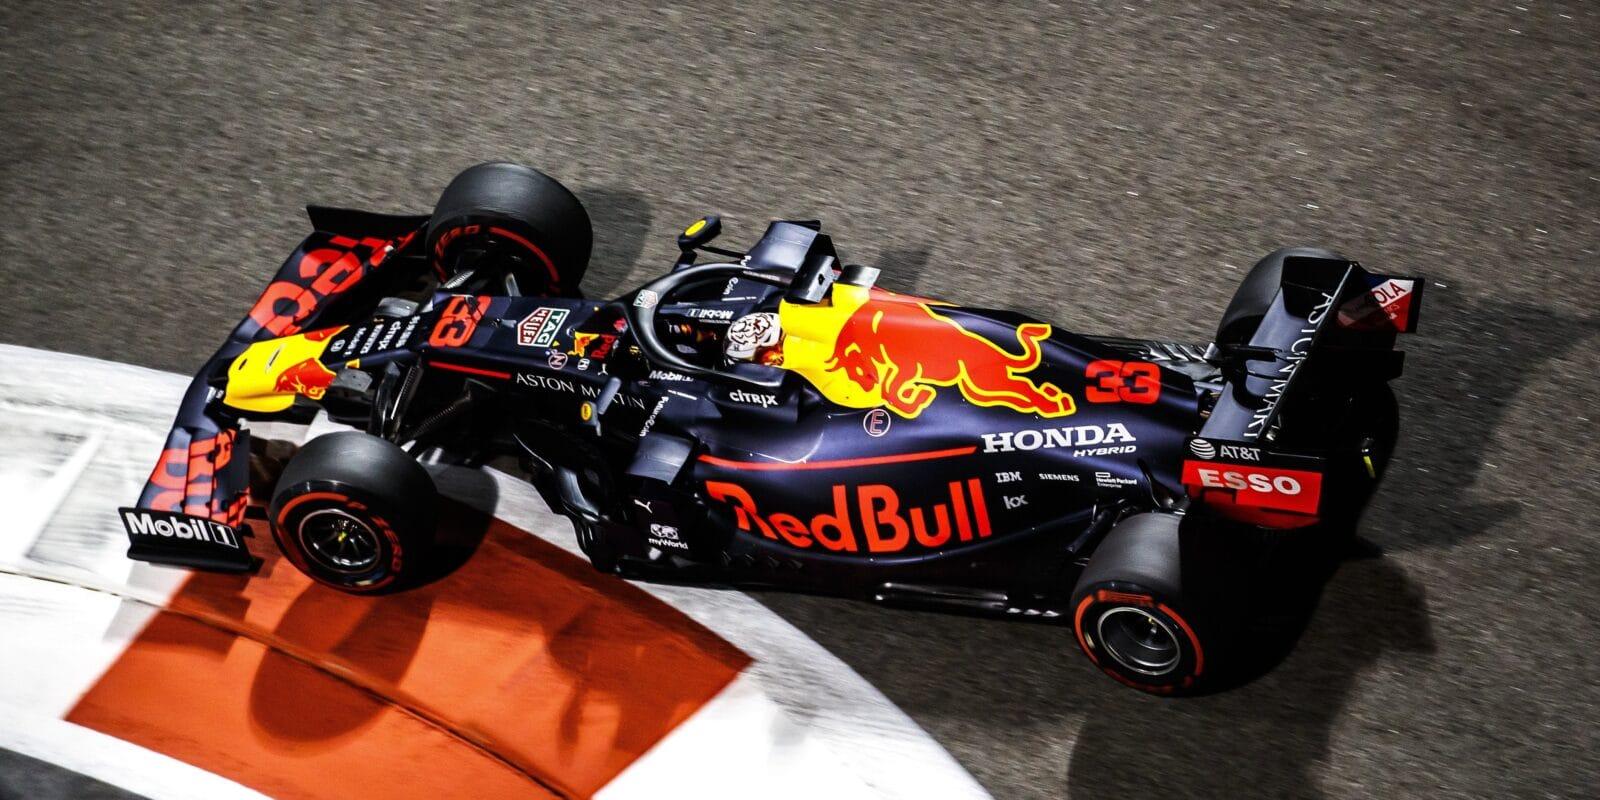 Poslední tréninková jízda sezóny patřila Verstappenovi